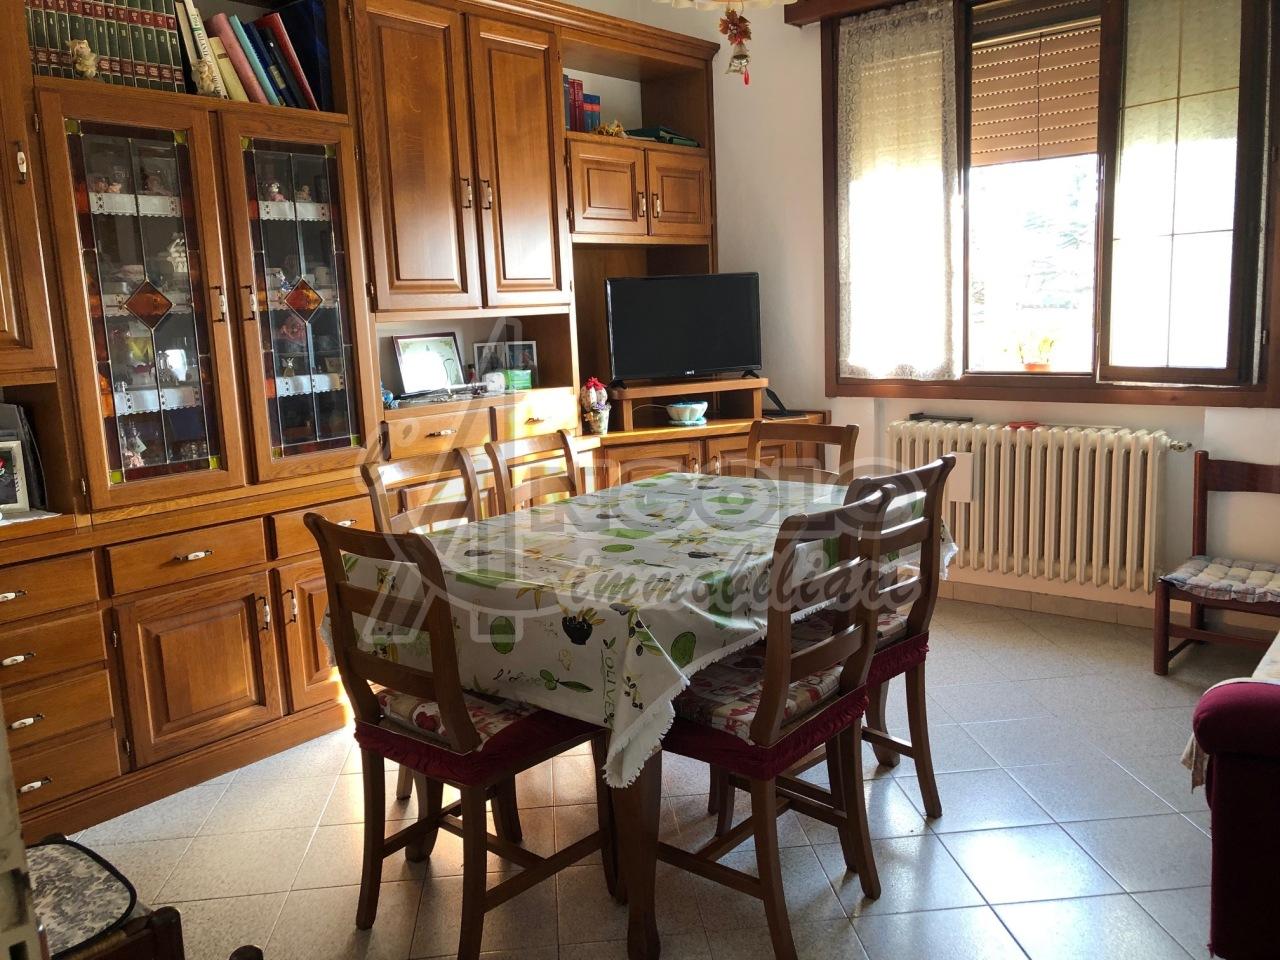 Soluzione Indipendente in vendita a Stienta, 4 locali, prezzo € 68.000 | CambioCasa.it